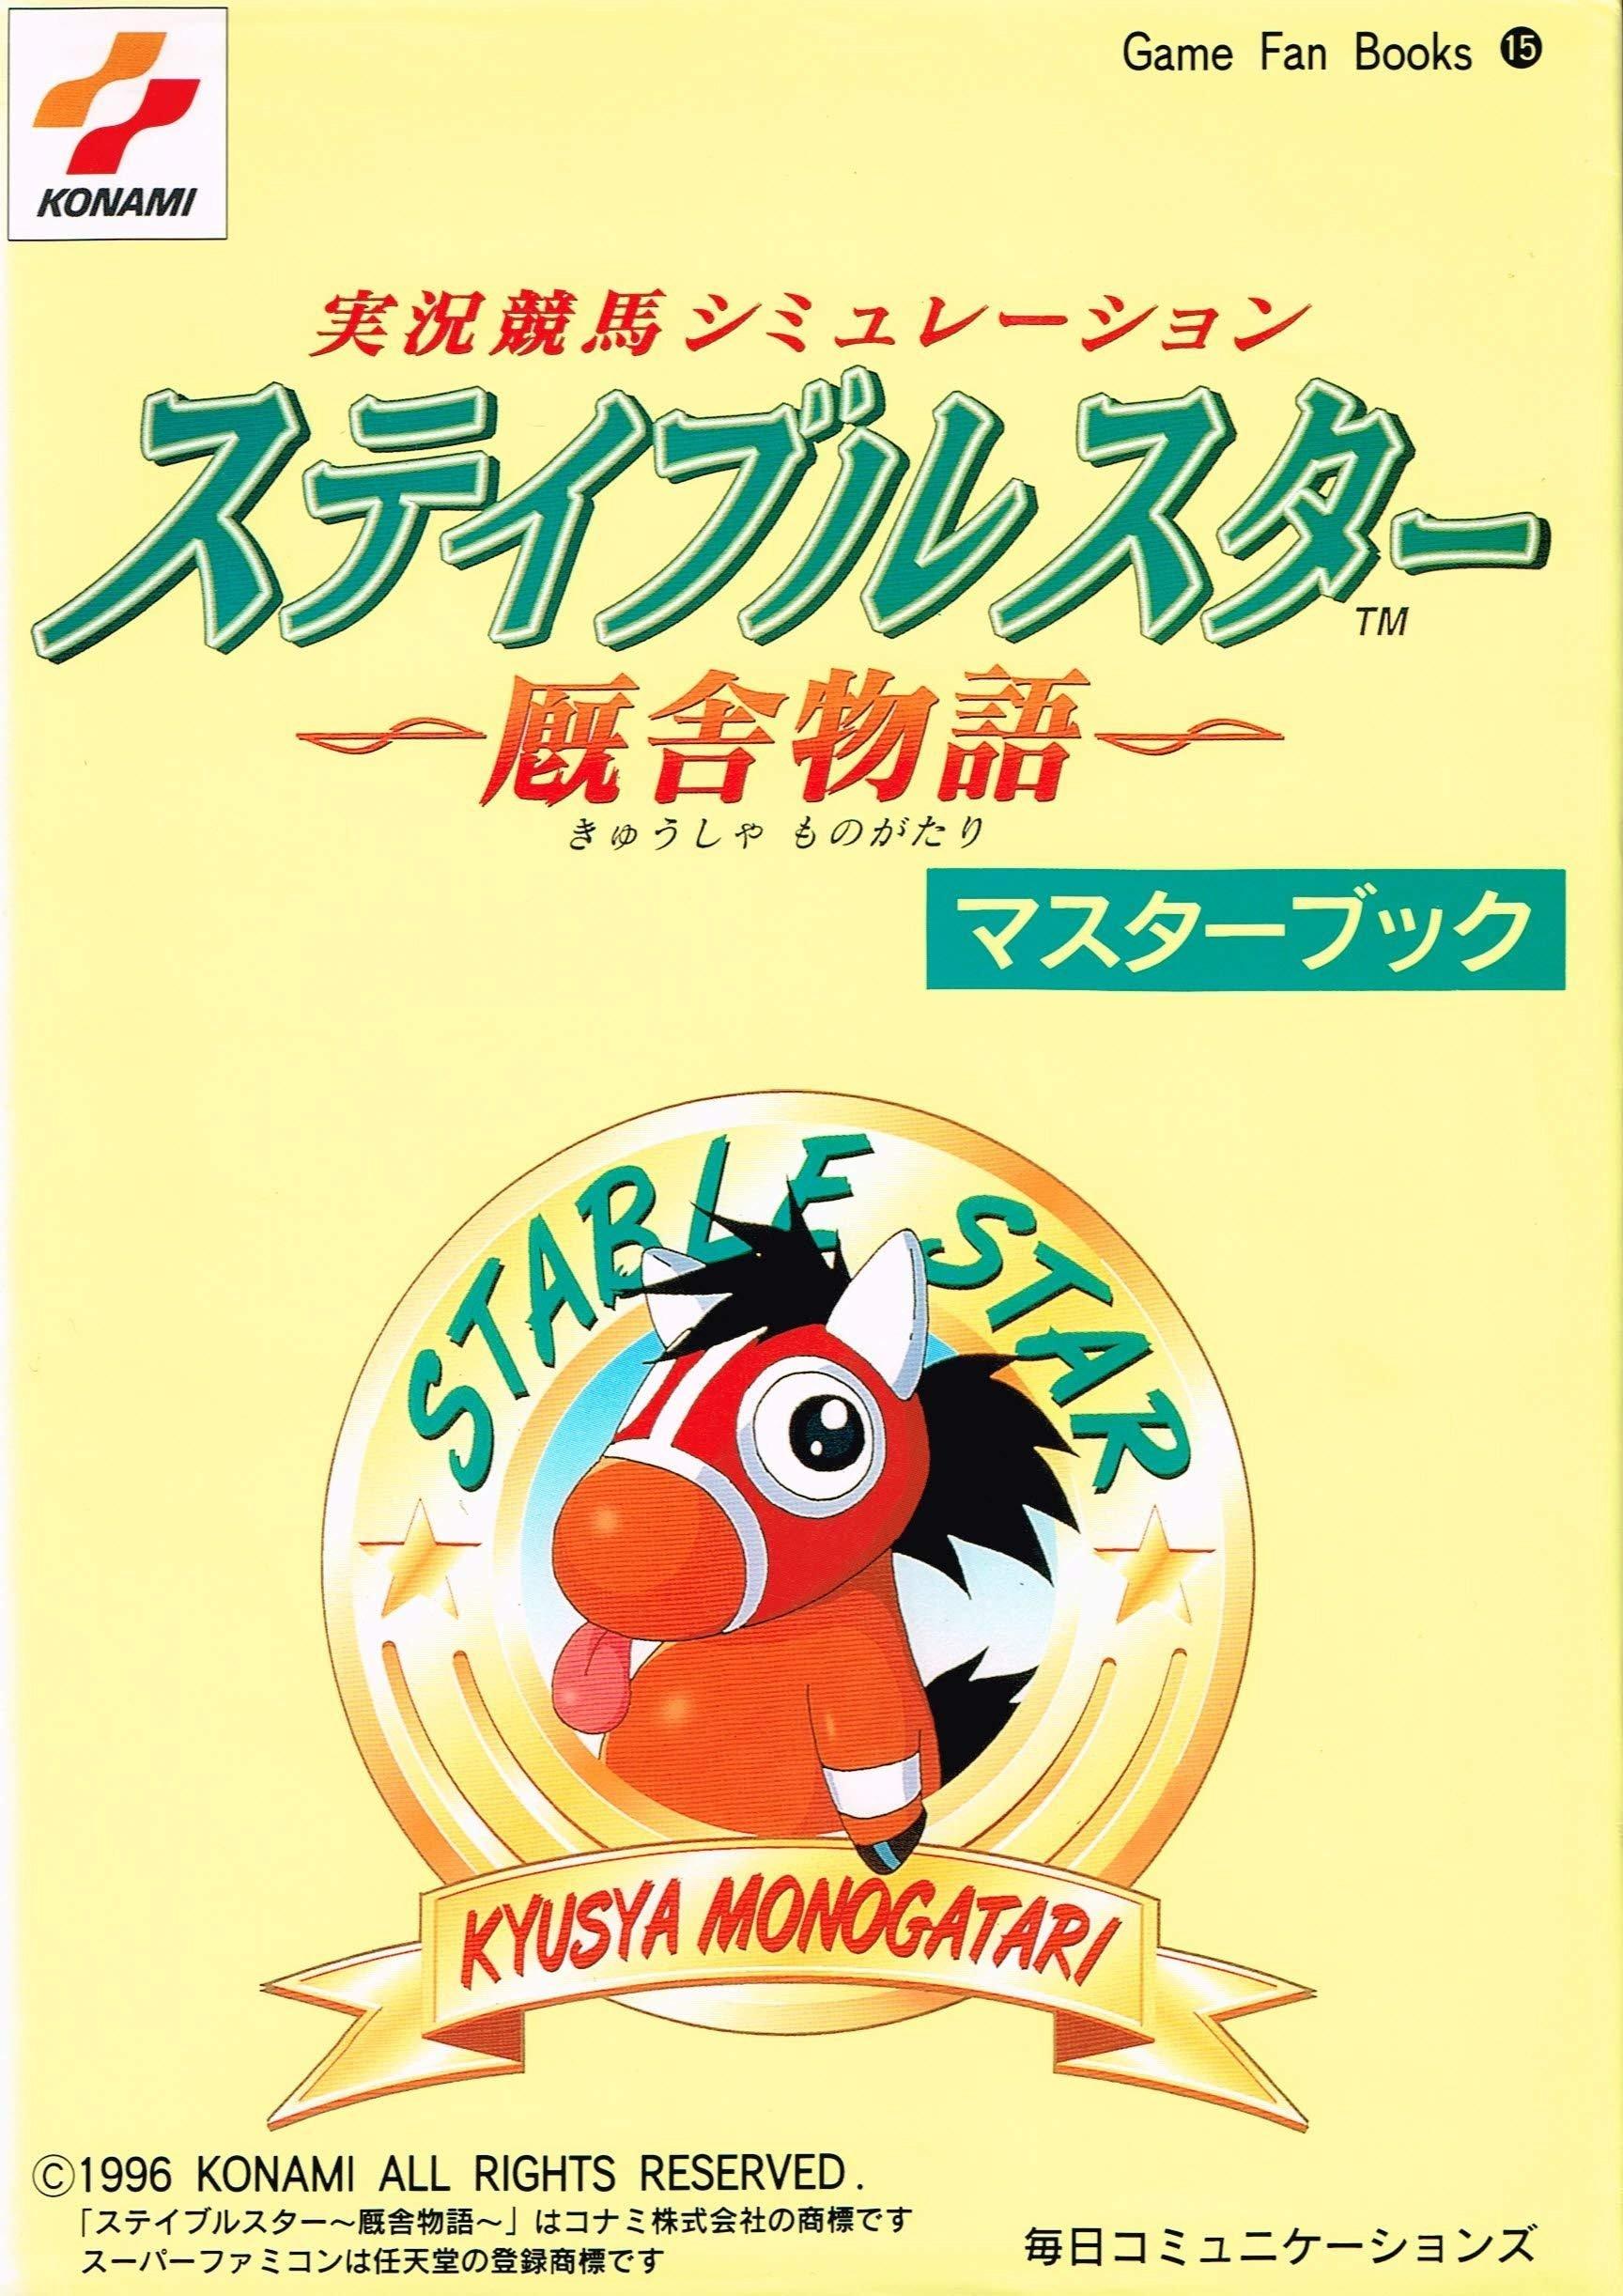 Stable Star Kyuusha Monogatari Master Book